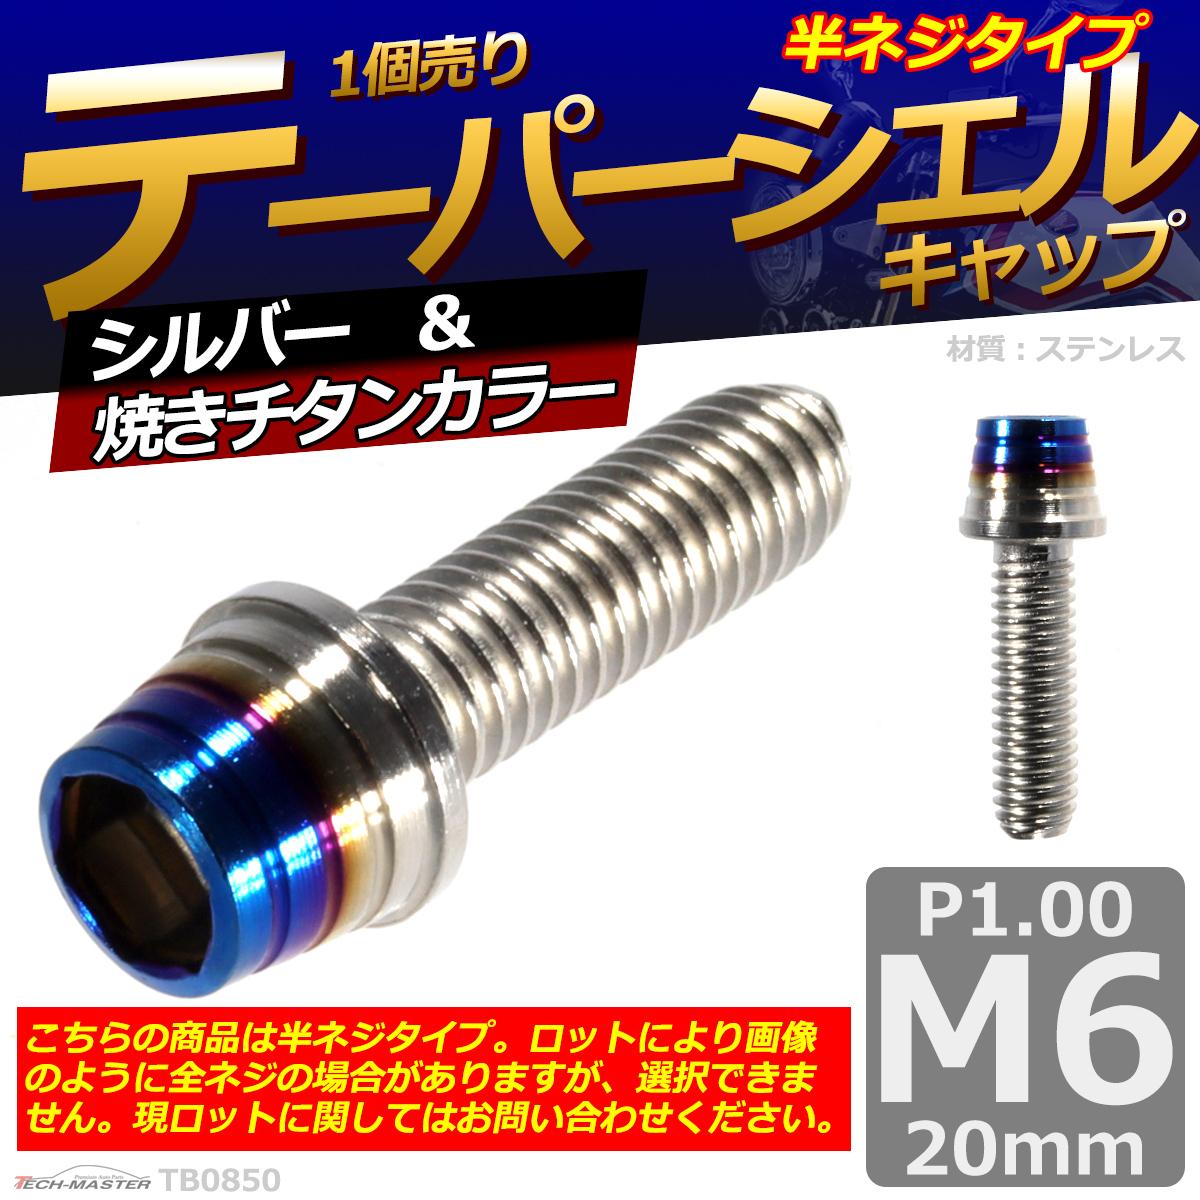 M6×20mm P1.0 テーパーシェル キャップボルト ステンレス 車/バイク/自転車 ドレスアップ パーツ シルバー&焼きチタンカラー 1個 TB0850_画像1